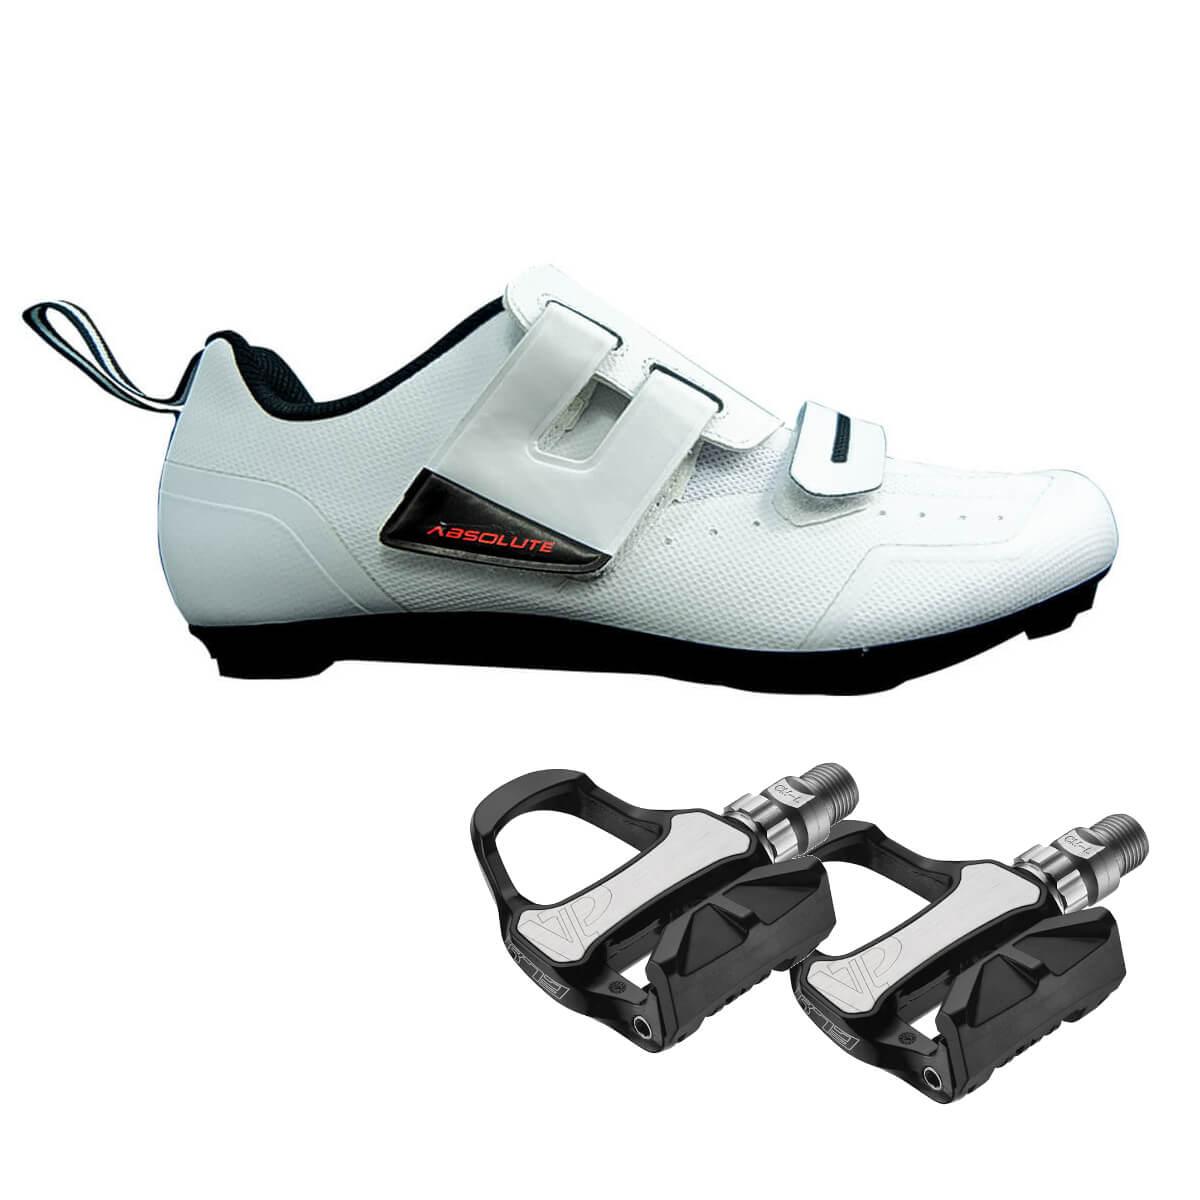 Sapatilha Triathlon Speed Absolute Triton 39 BR + Pedal R73H